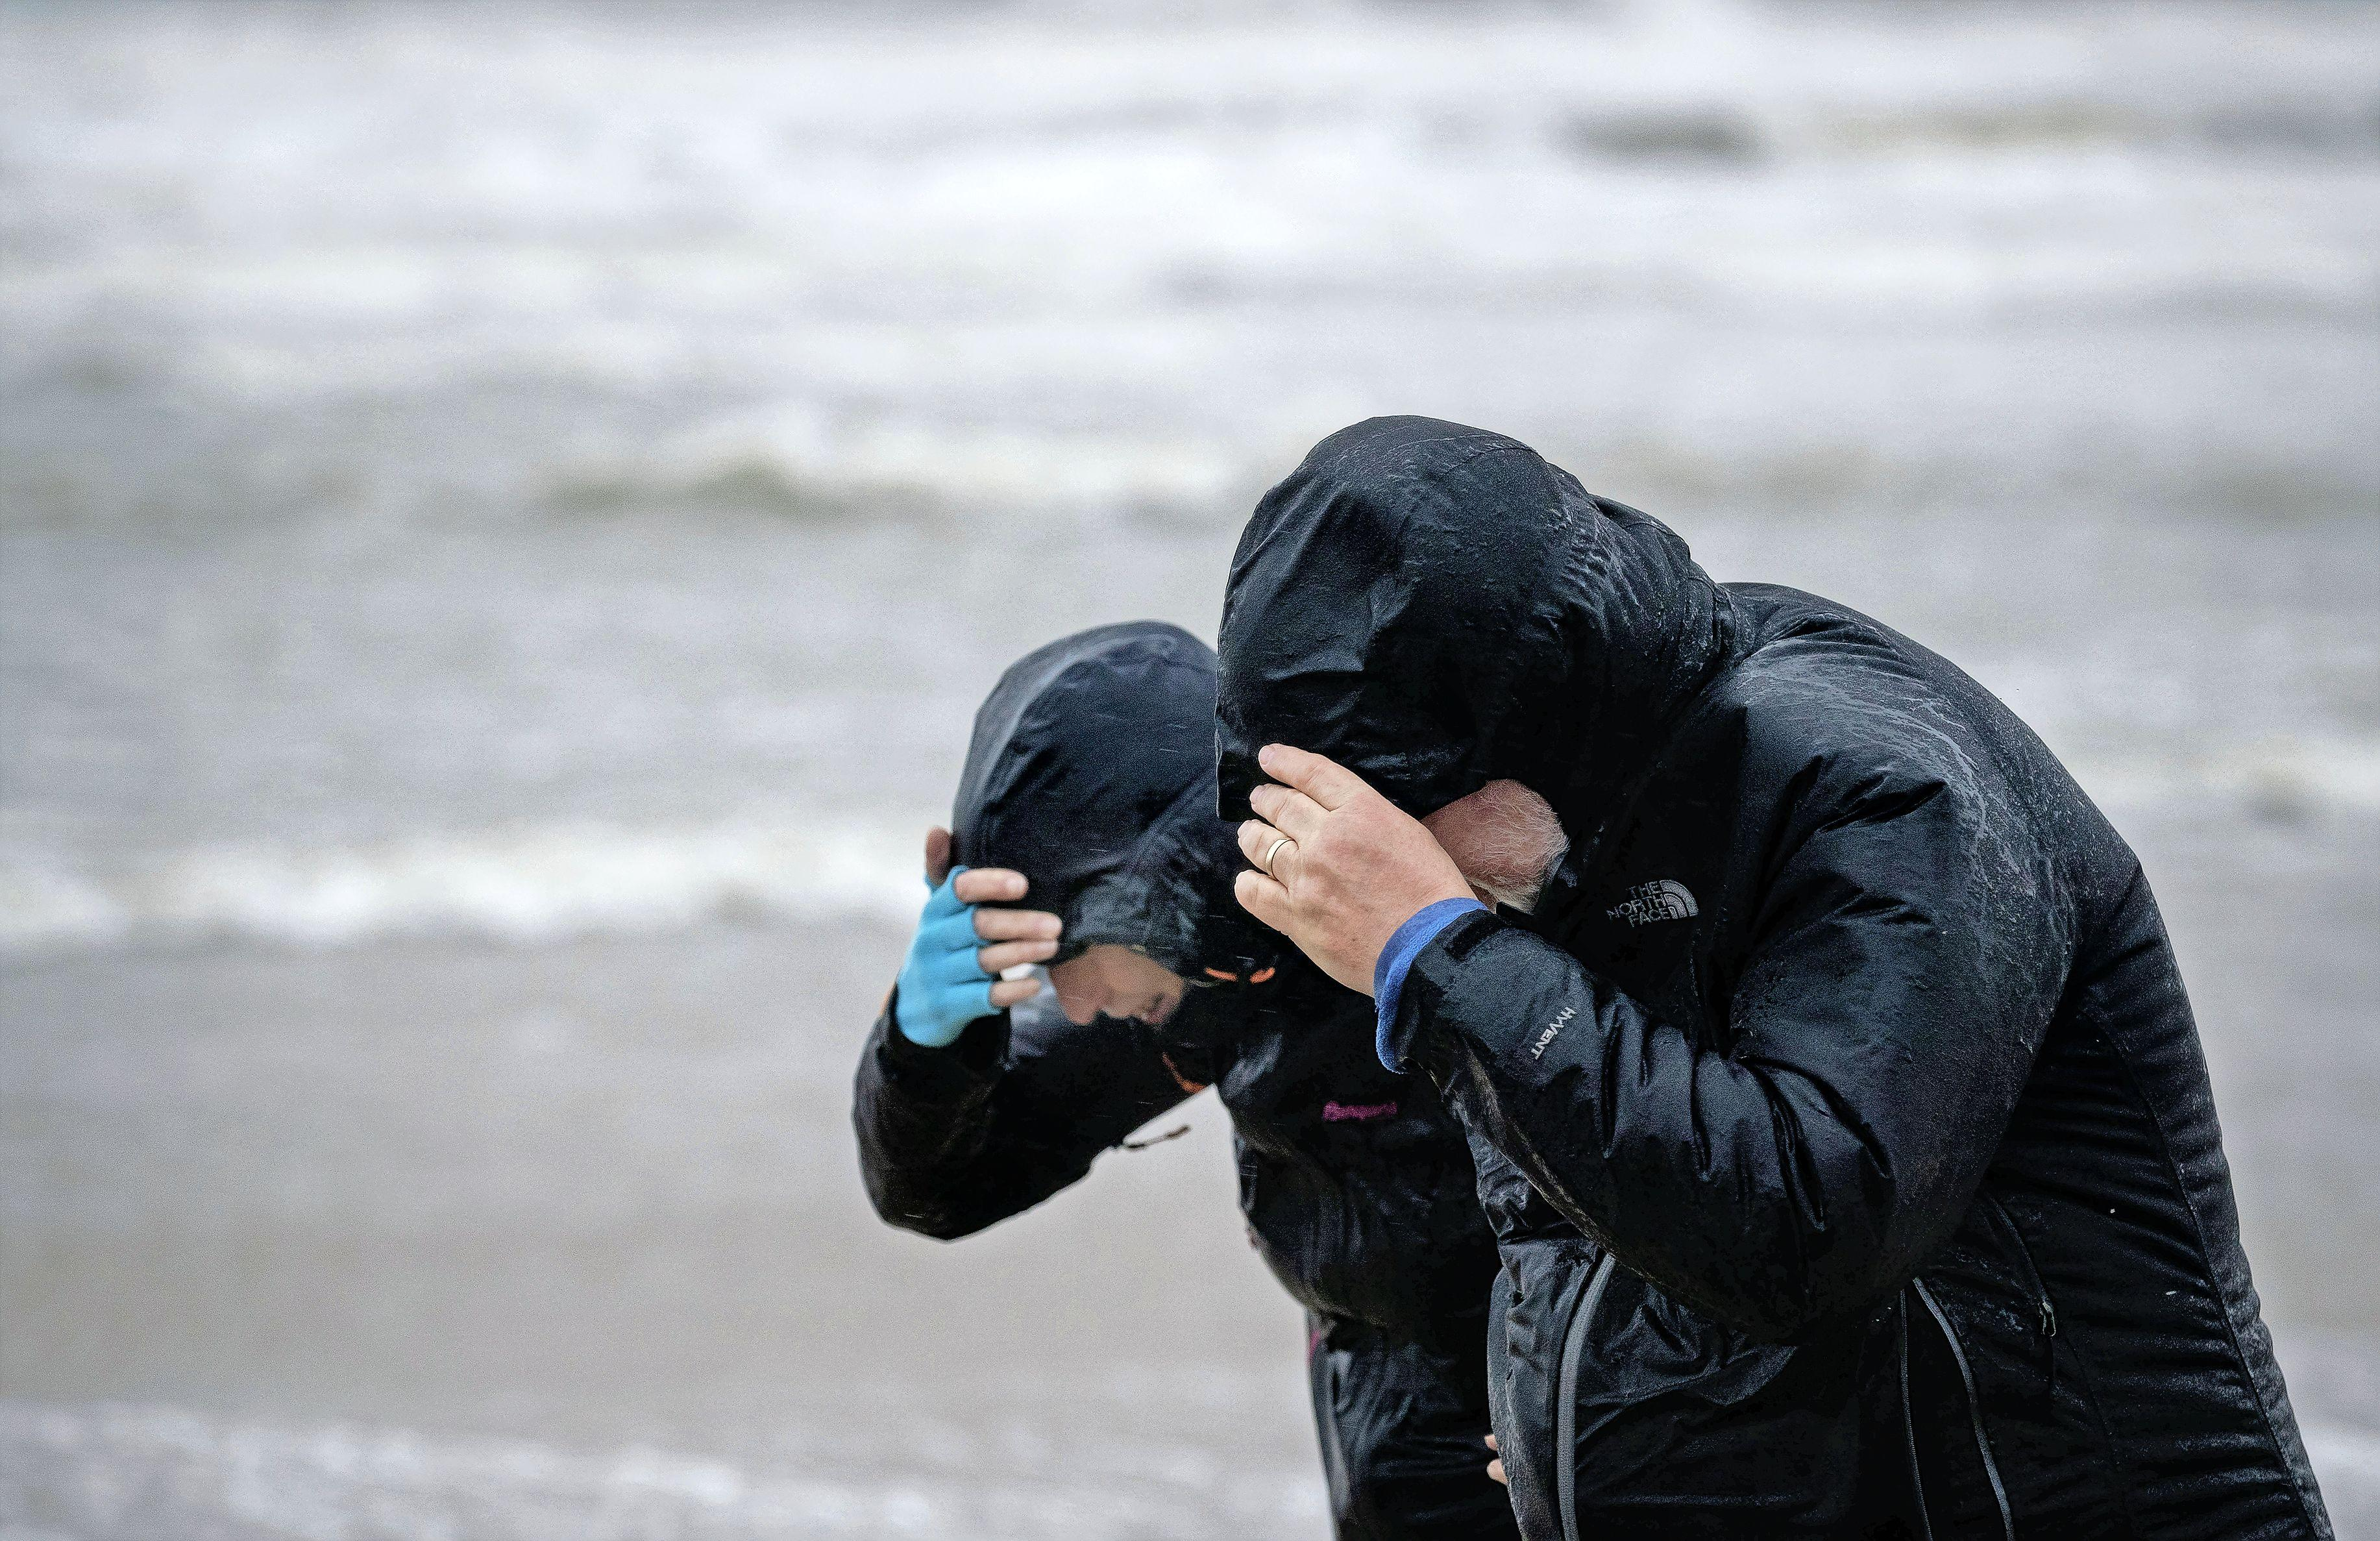 Eerste lentestorm raast over Nederland: windstoten met snelheden tot 110 kilometer per uur